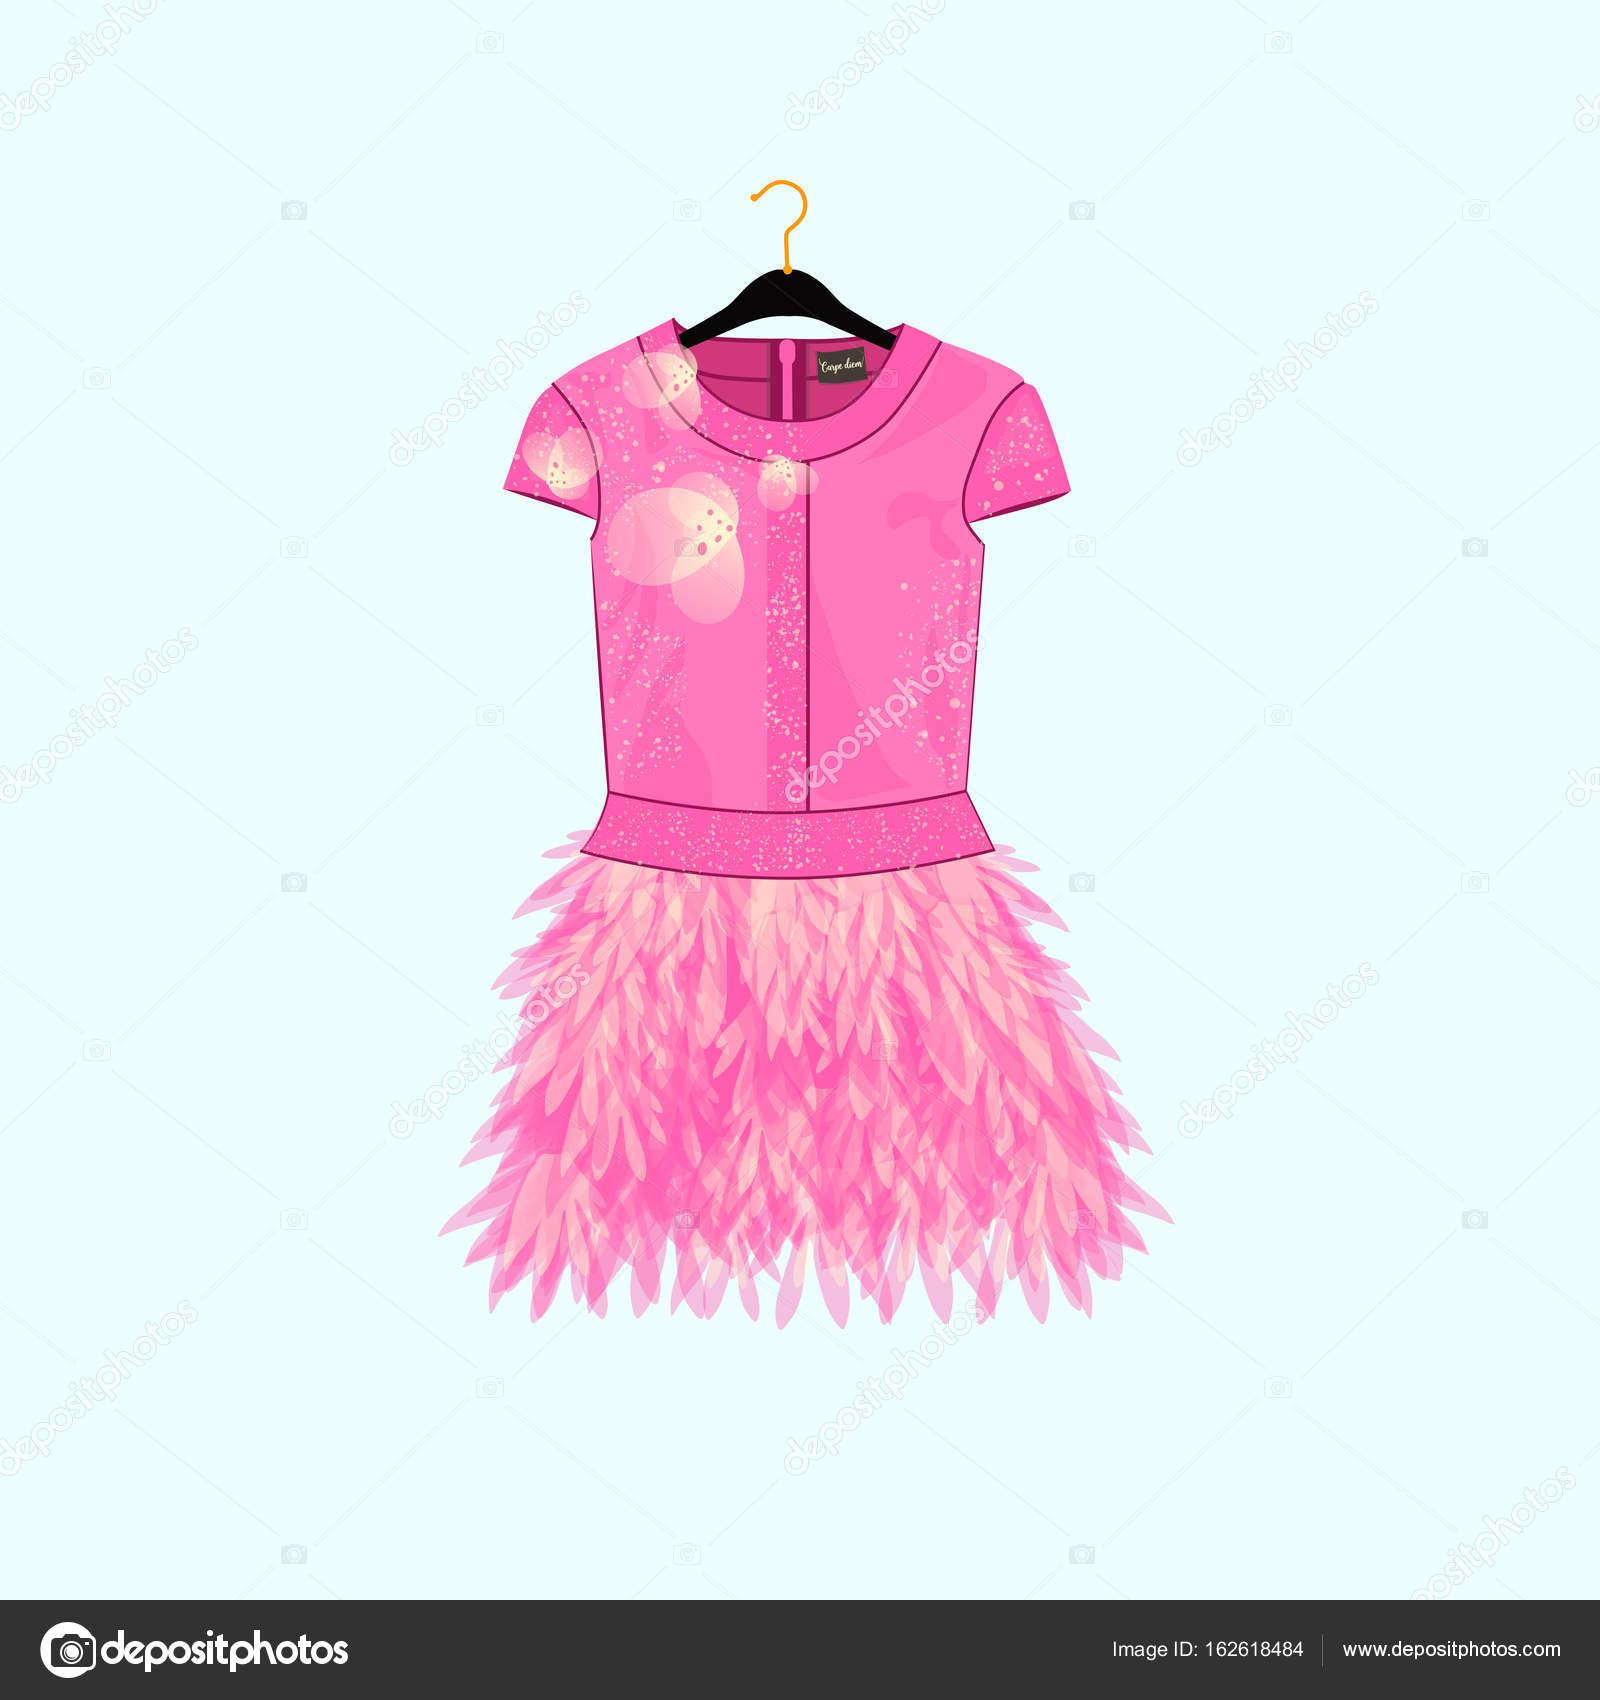 Vestido de fiesta rosa con decoración de plumas. Ilustración de moda ...